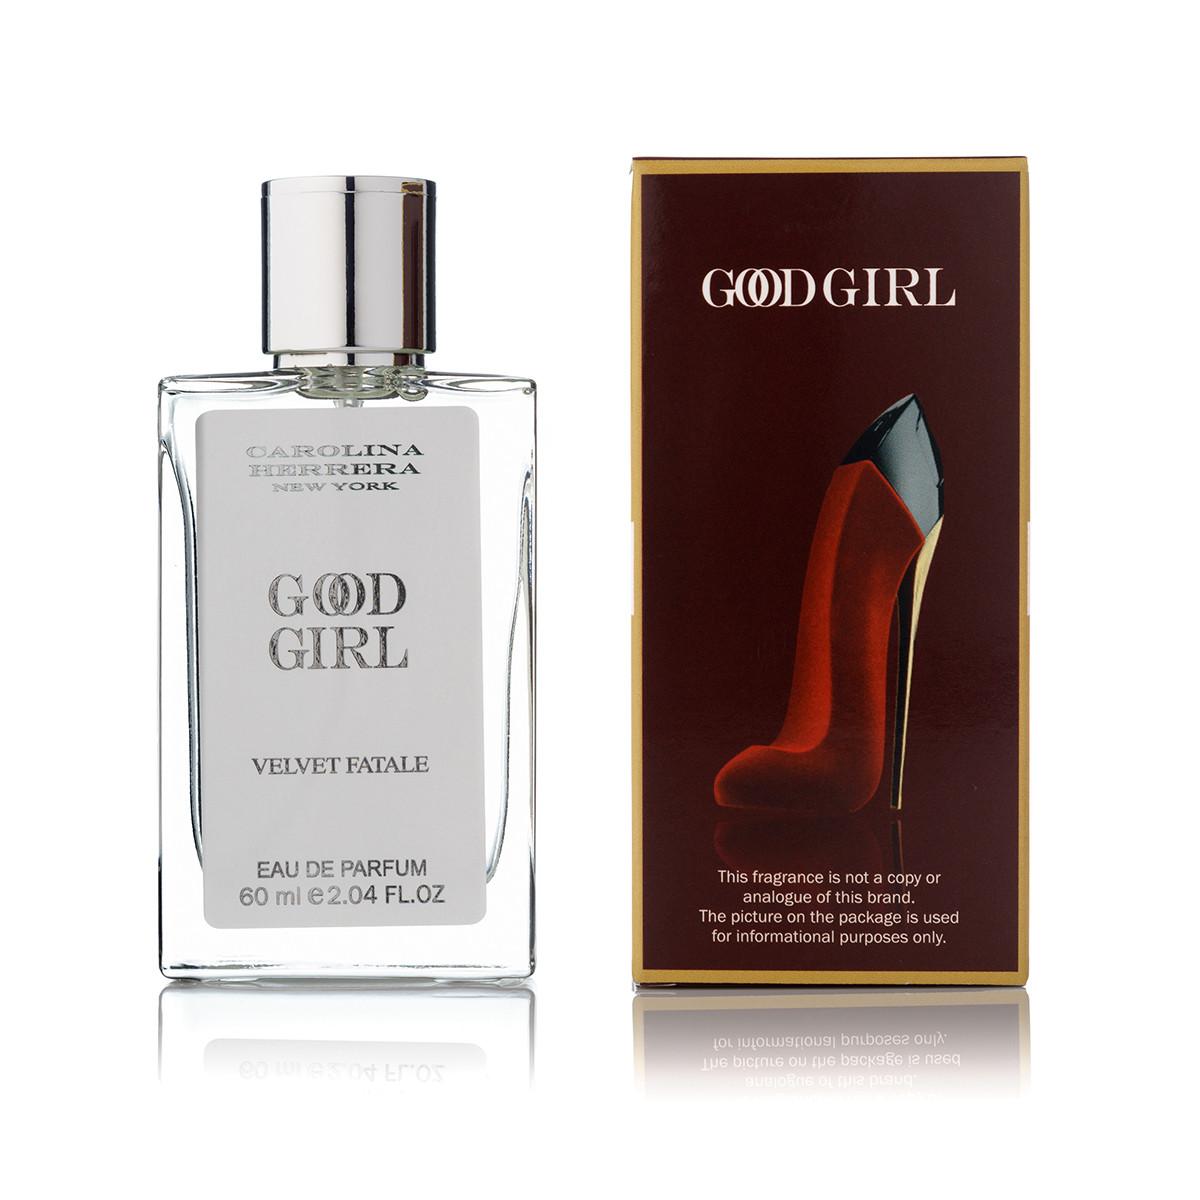 Парфюм Carolina Herrera Good Girl Velvet Fatale - 60 мл